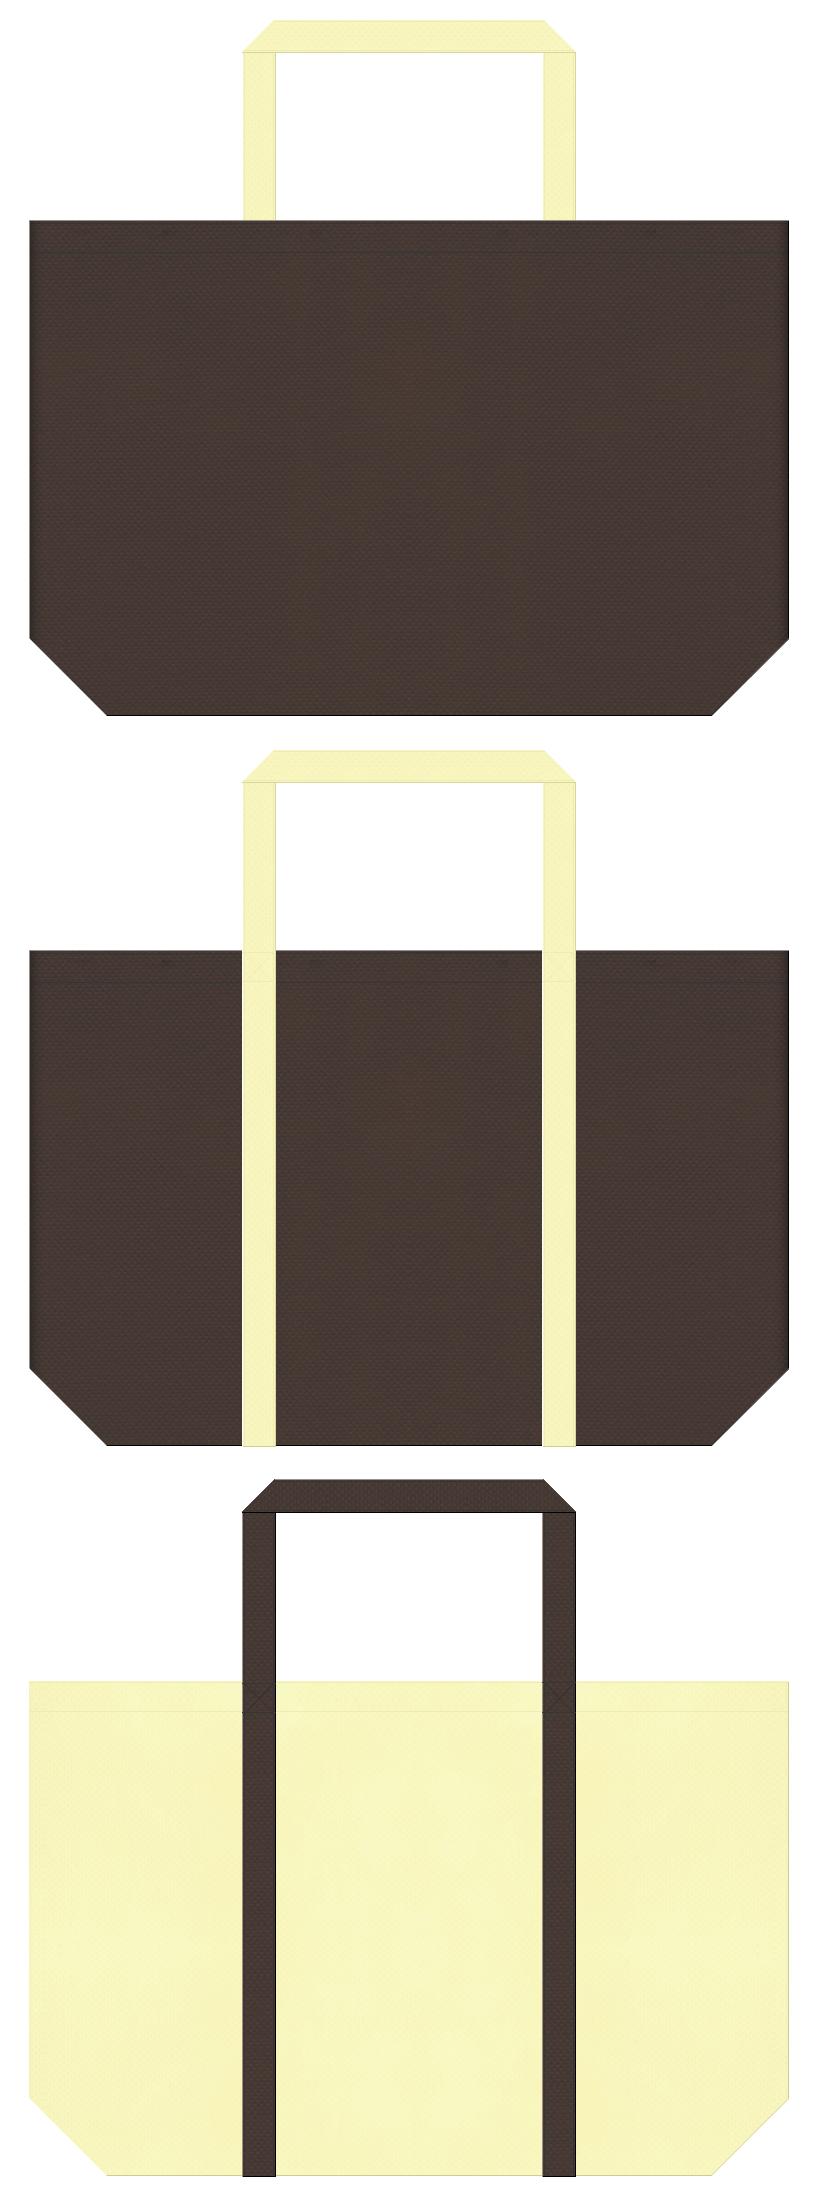 こげ茶色と薄黄色の不織布バッグデザイン。